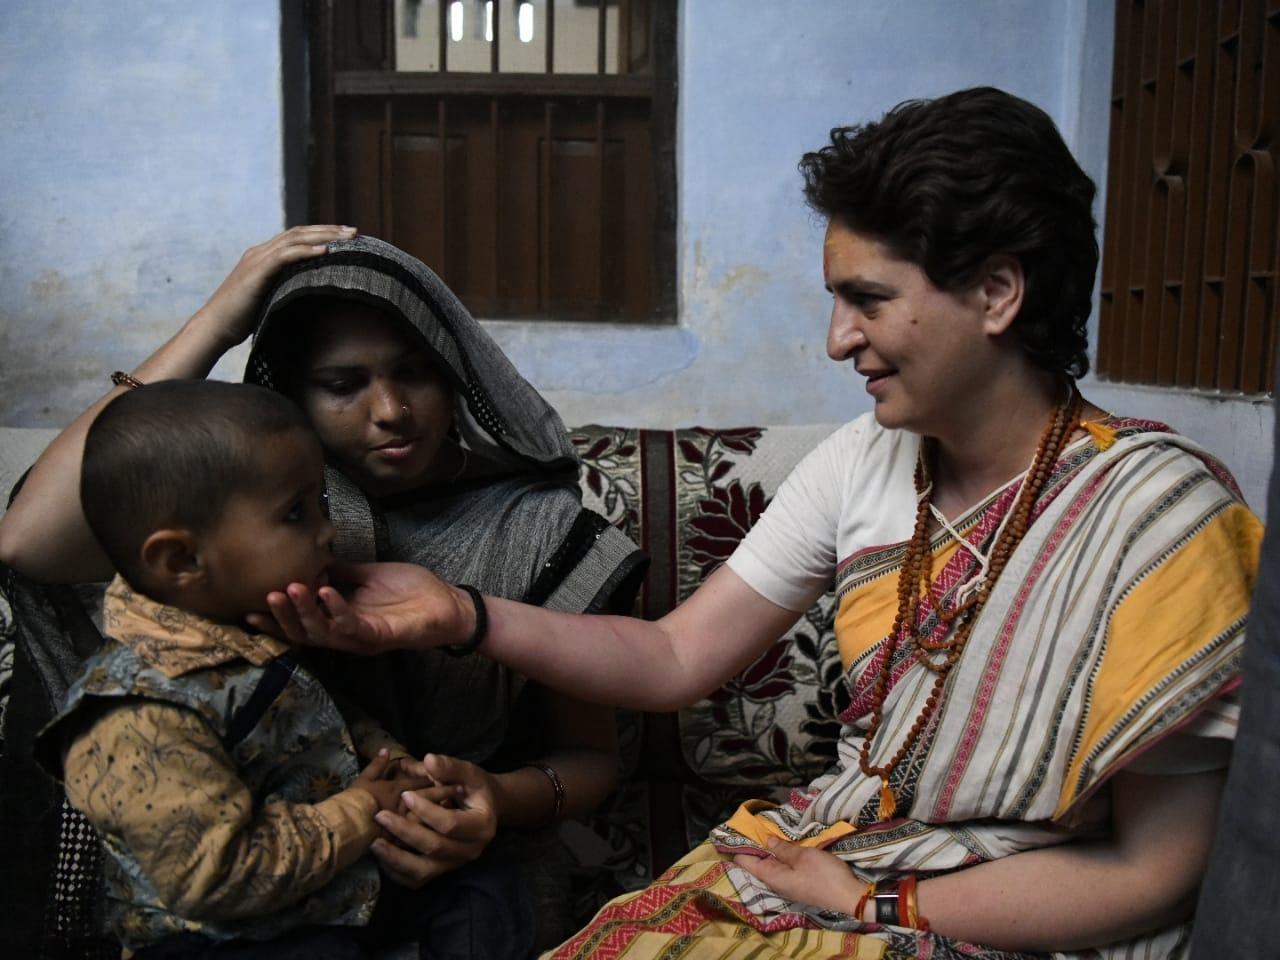 प्रियंका गांधी ने पुलवामा हमले शहीद हुए अवधेश सिंह के घर गईं और उनके परिवार से मुलाकात की.